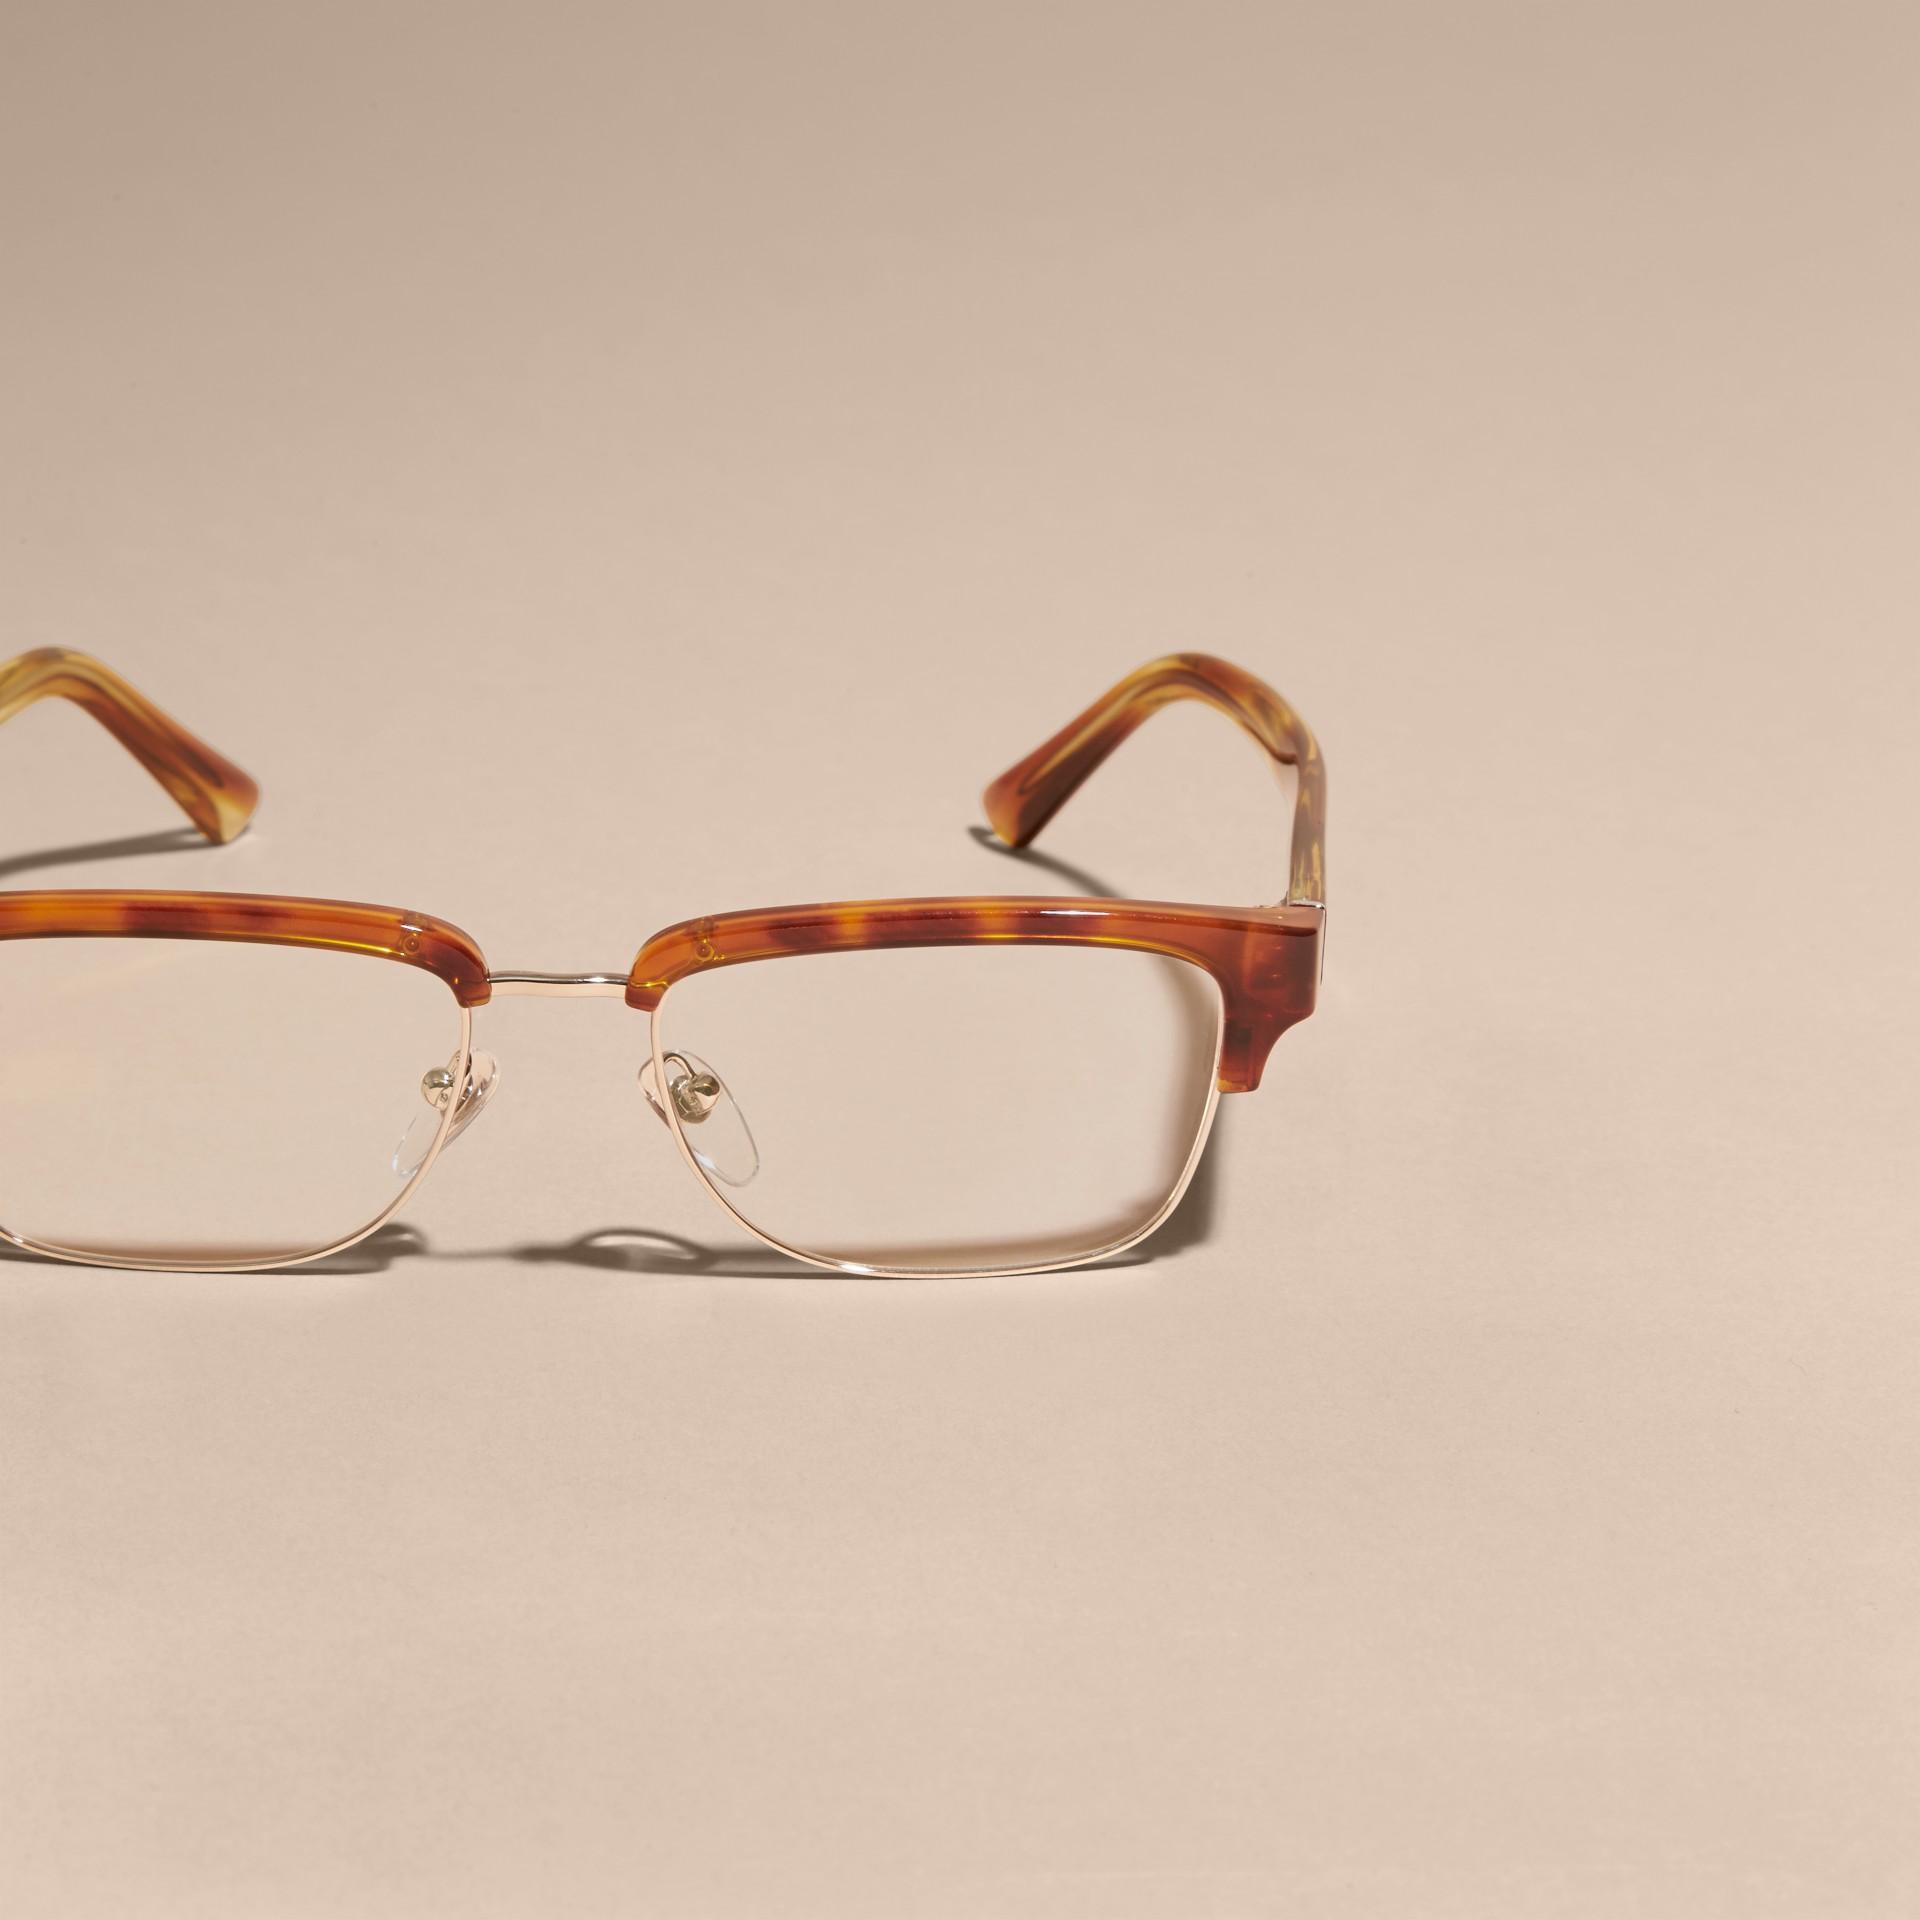 Burberry Half Frame Glasses : Half-rimmed Oval Optical Frames Light Russet Brown Burberry